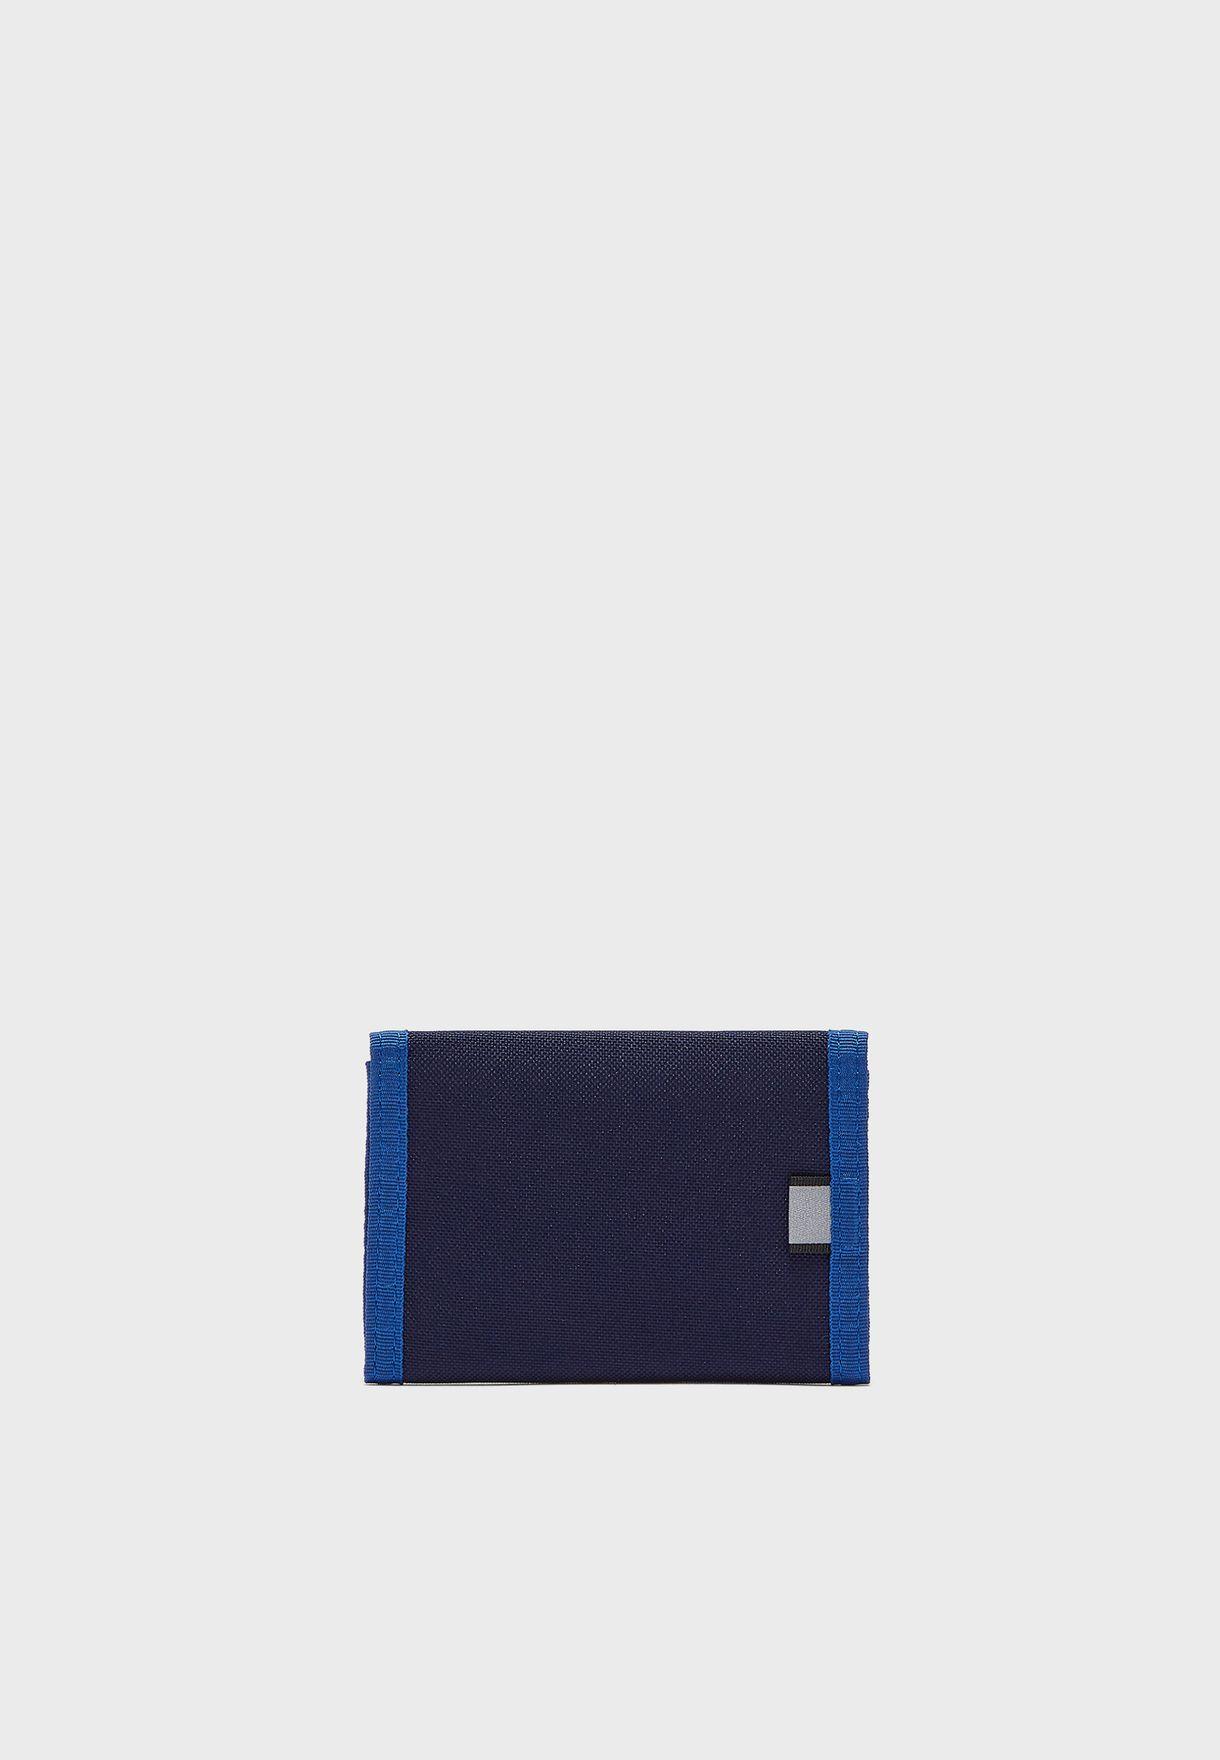 محفظة بشعار الماركة